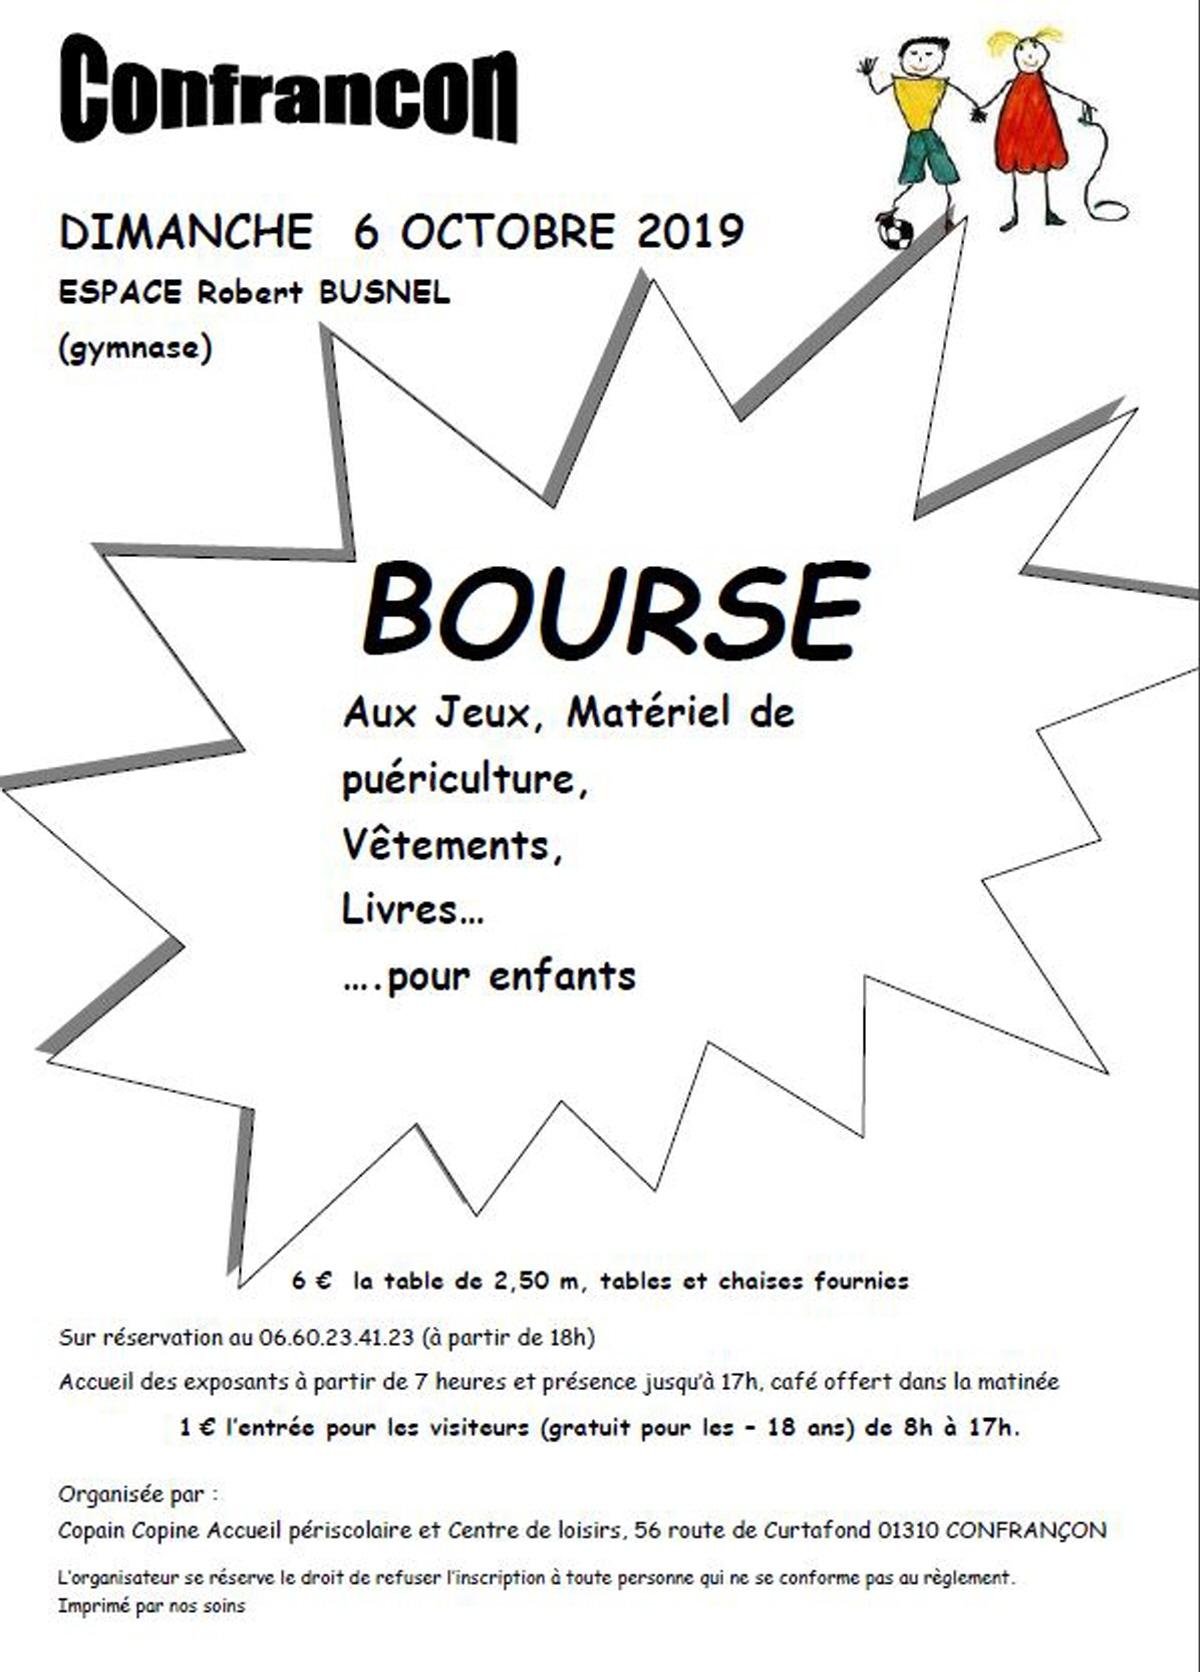 Bourse Aux Jeux : Bourse De Puericulture A Confrancon dedans Jeux De 6 Ans Gratuit